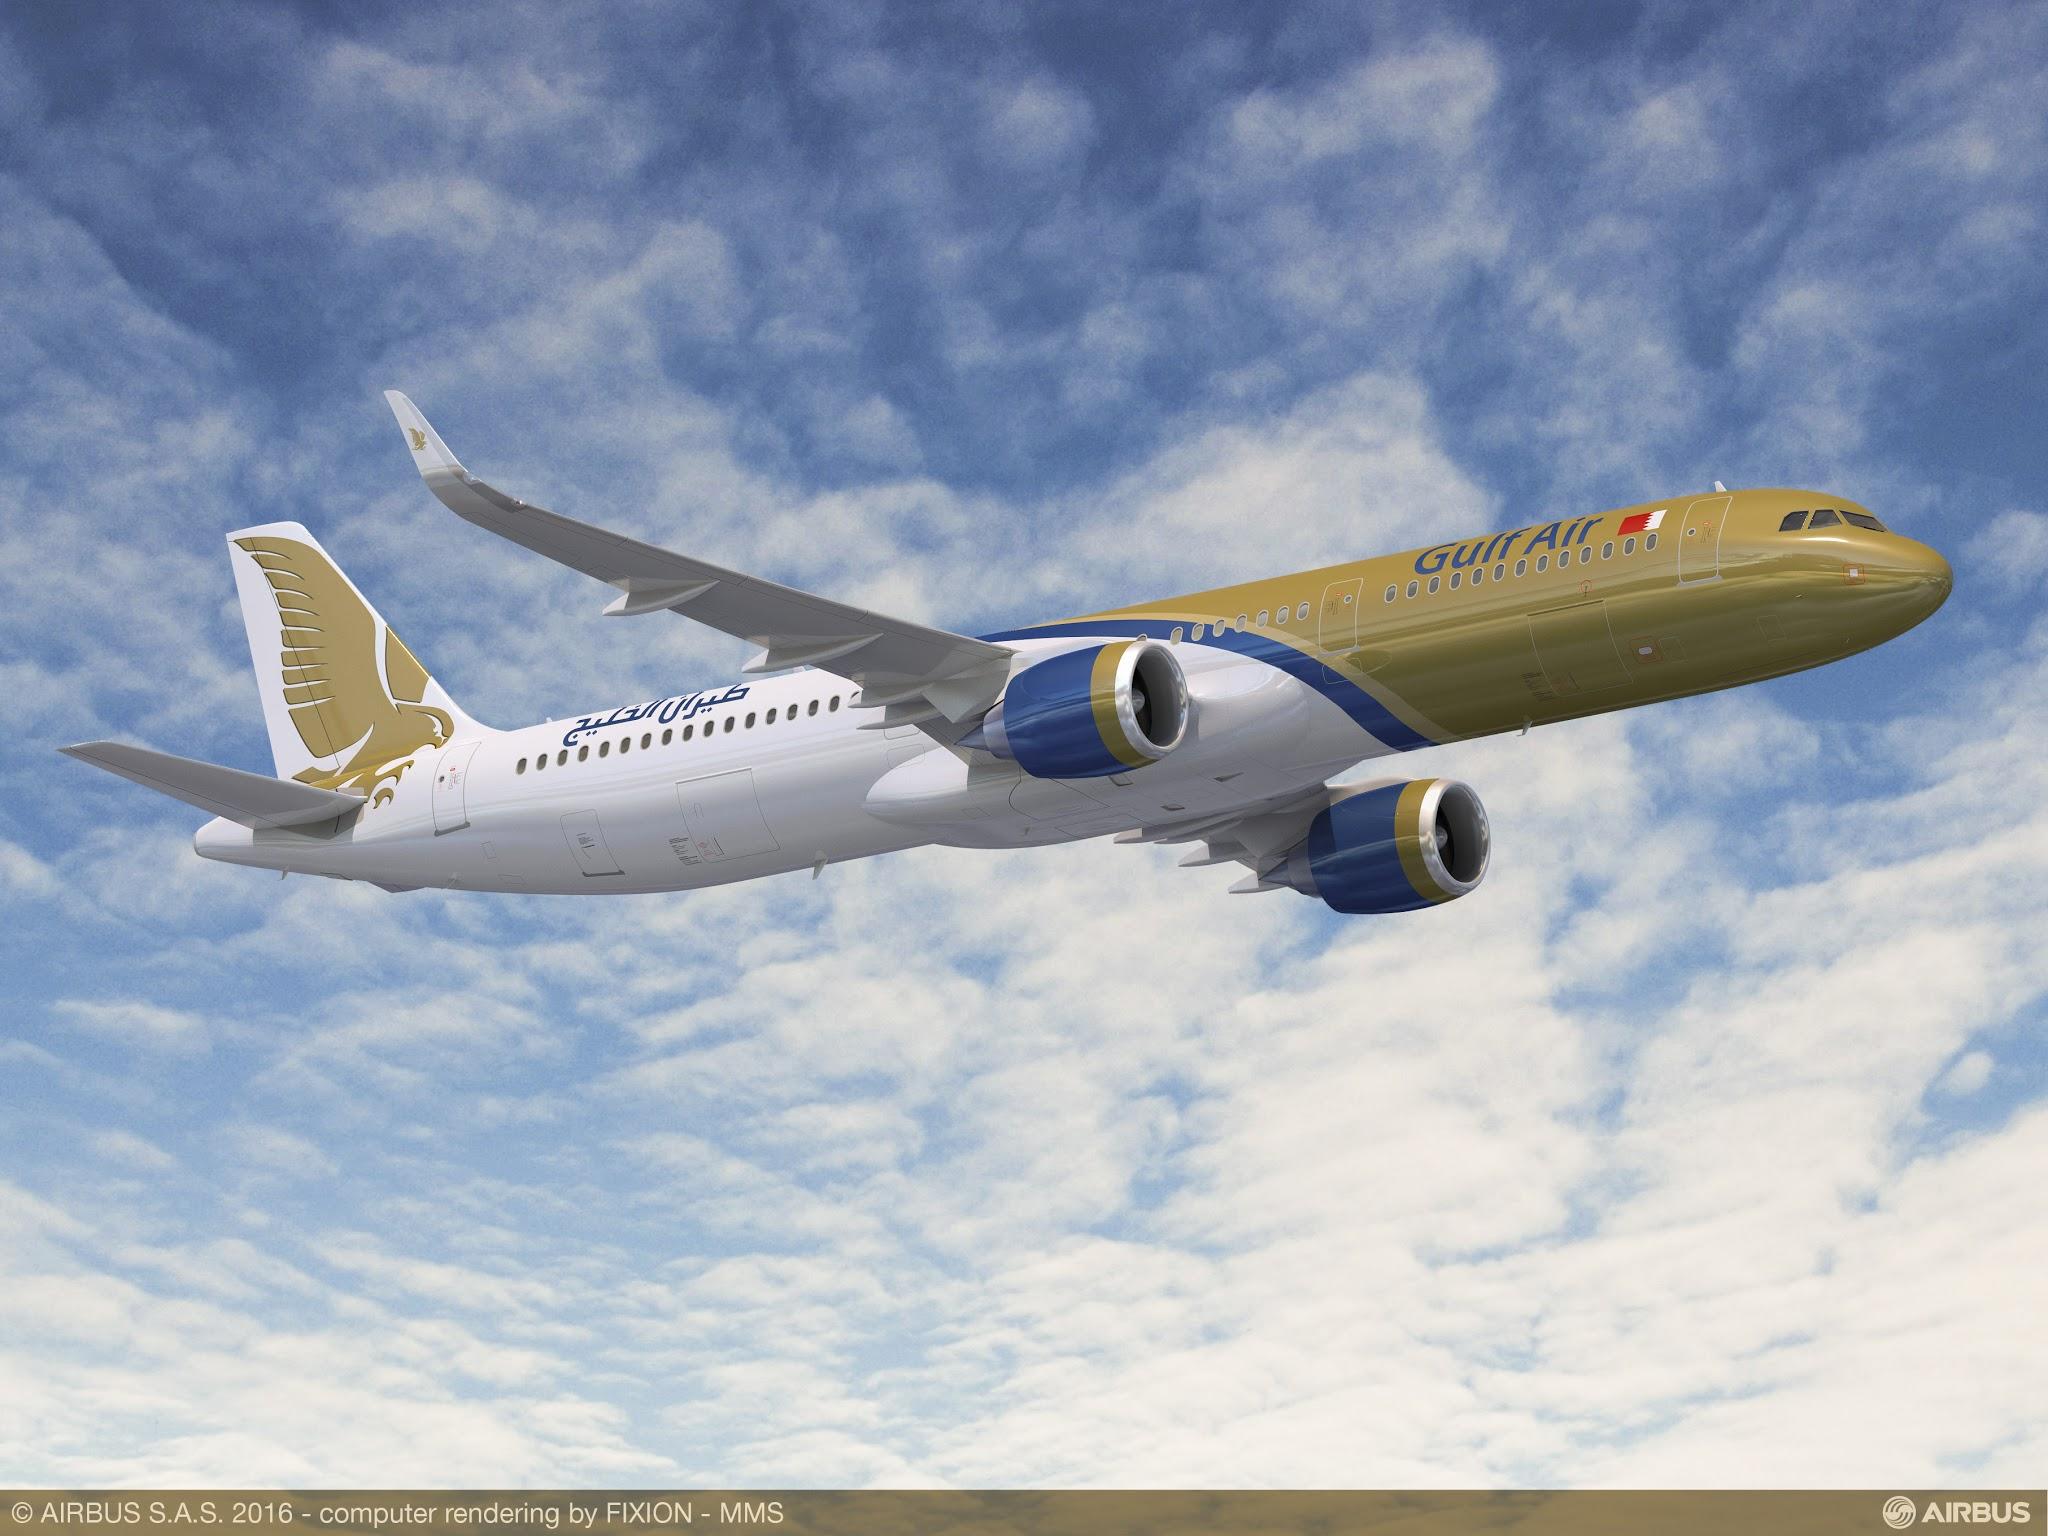 É MAIS QUE VOAR | Gulf Air encomenda 29 aviões da Família A320neo